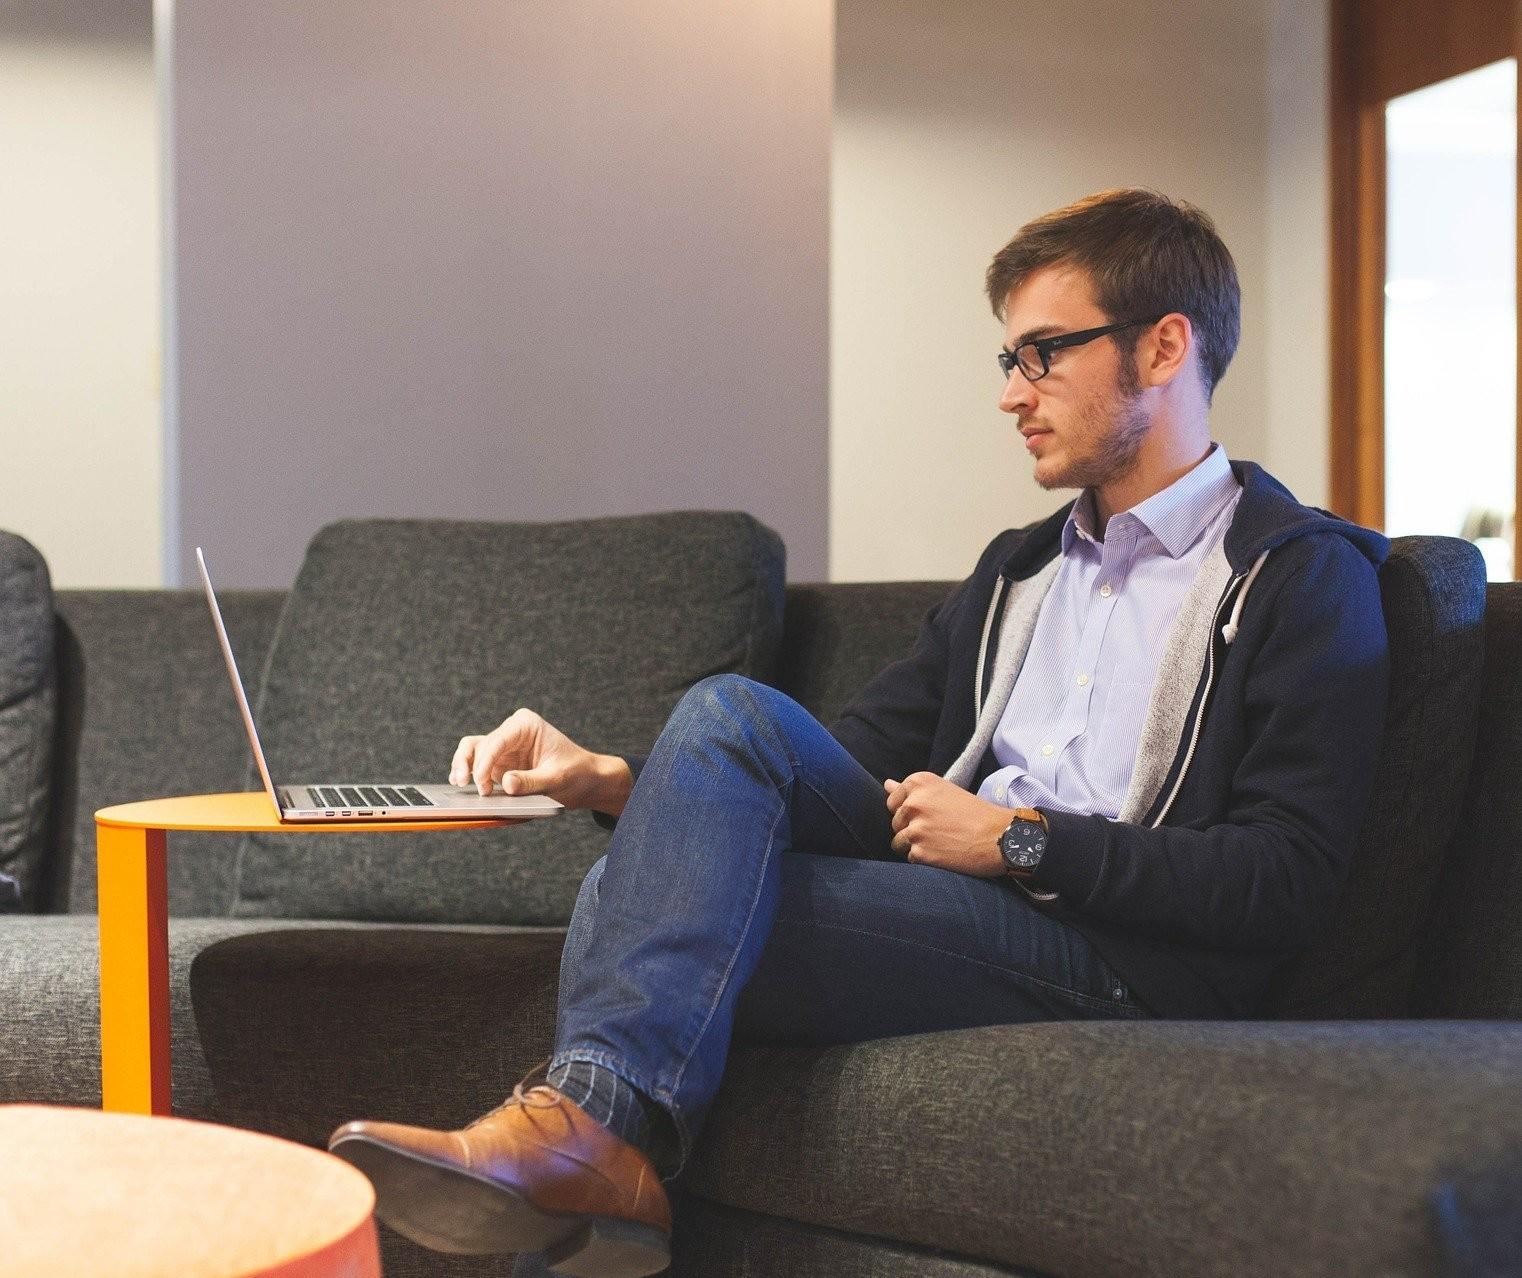 Home office exige cuidados com a saúde